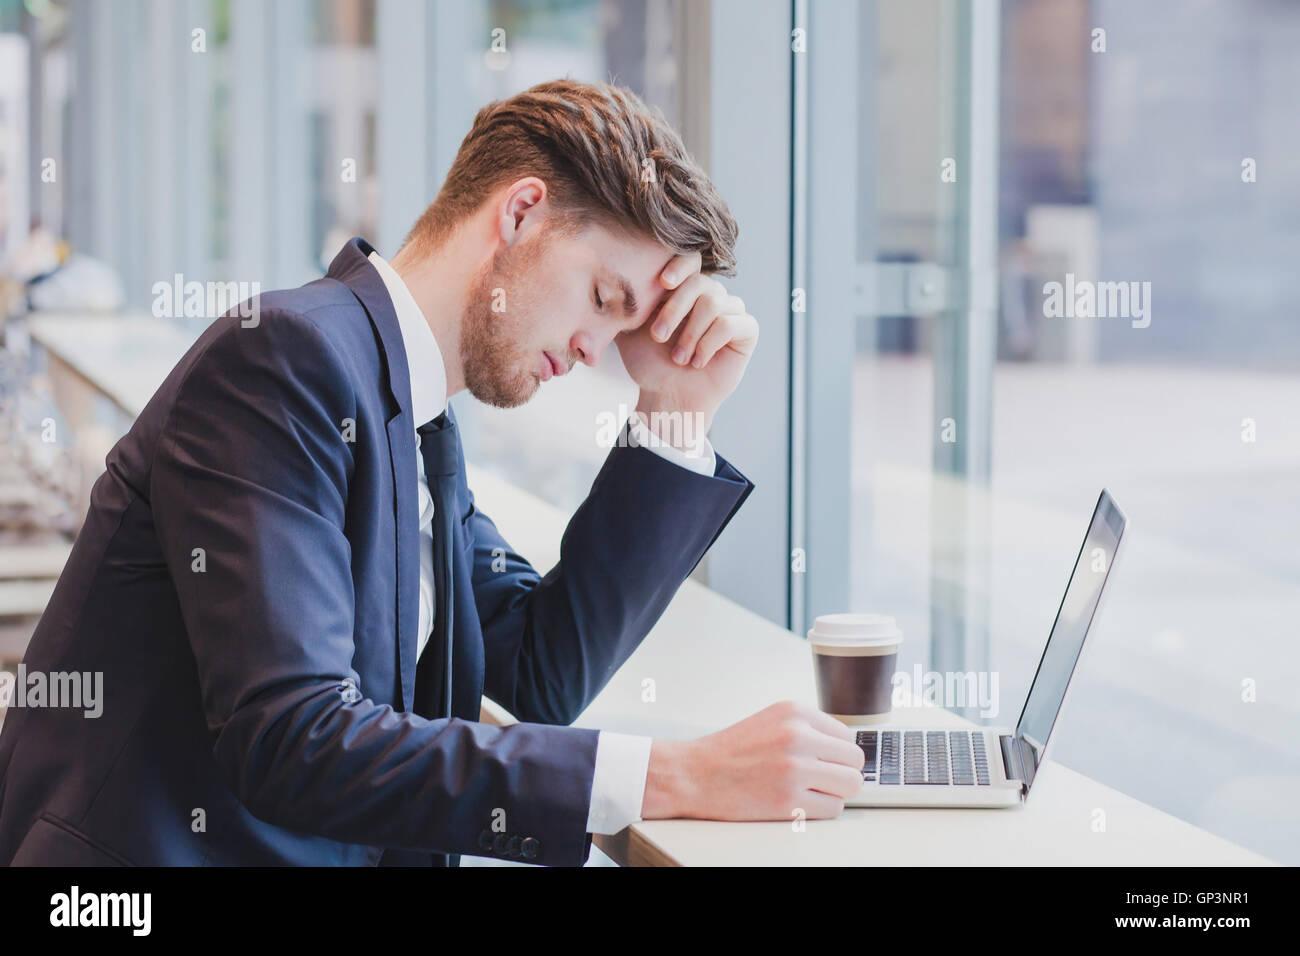 Kopfschmerzen, müde Geschäftsmann in der Nähe von laptop Stockbild